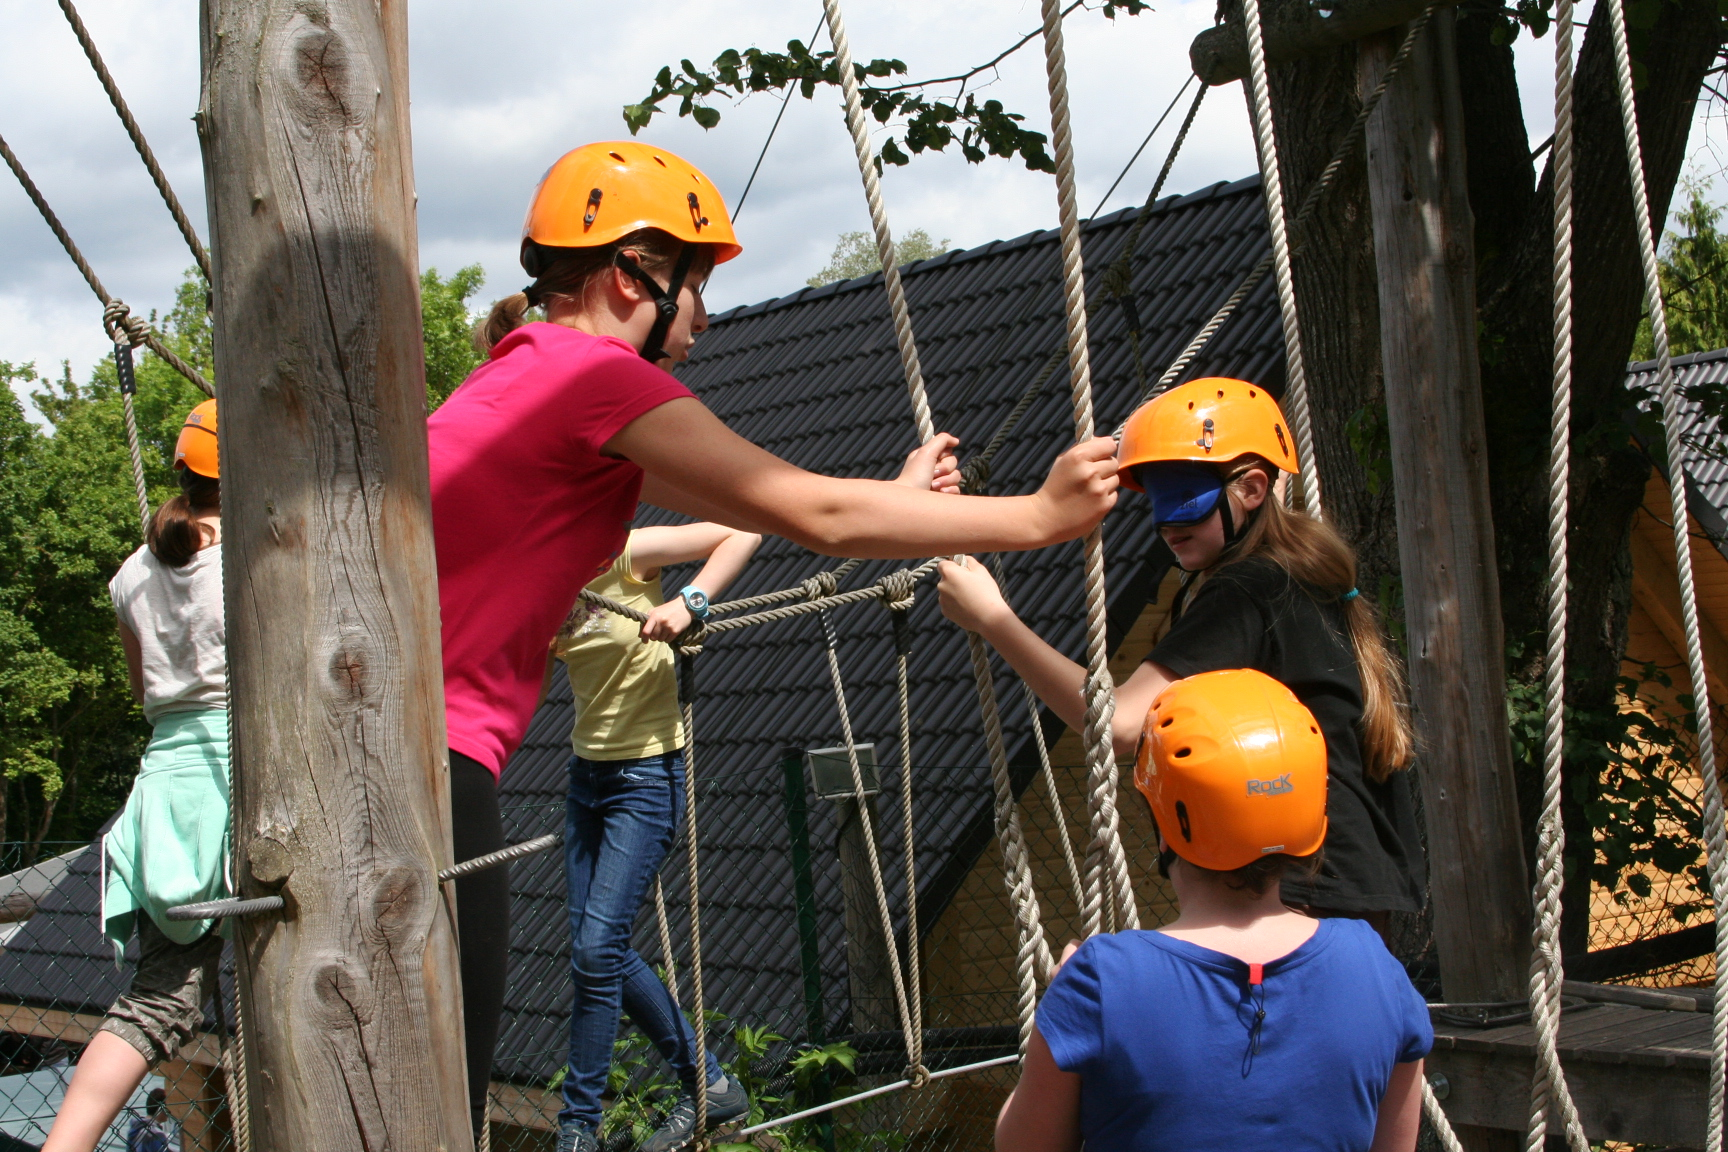 Kletter-Sicherheitsausrüstung für Kinder